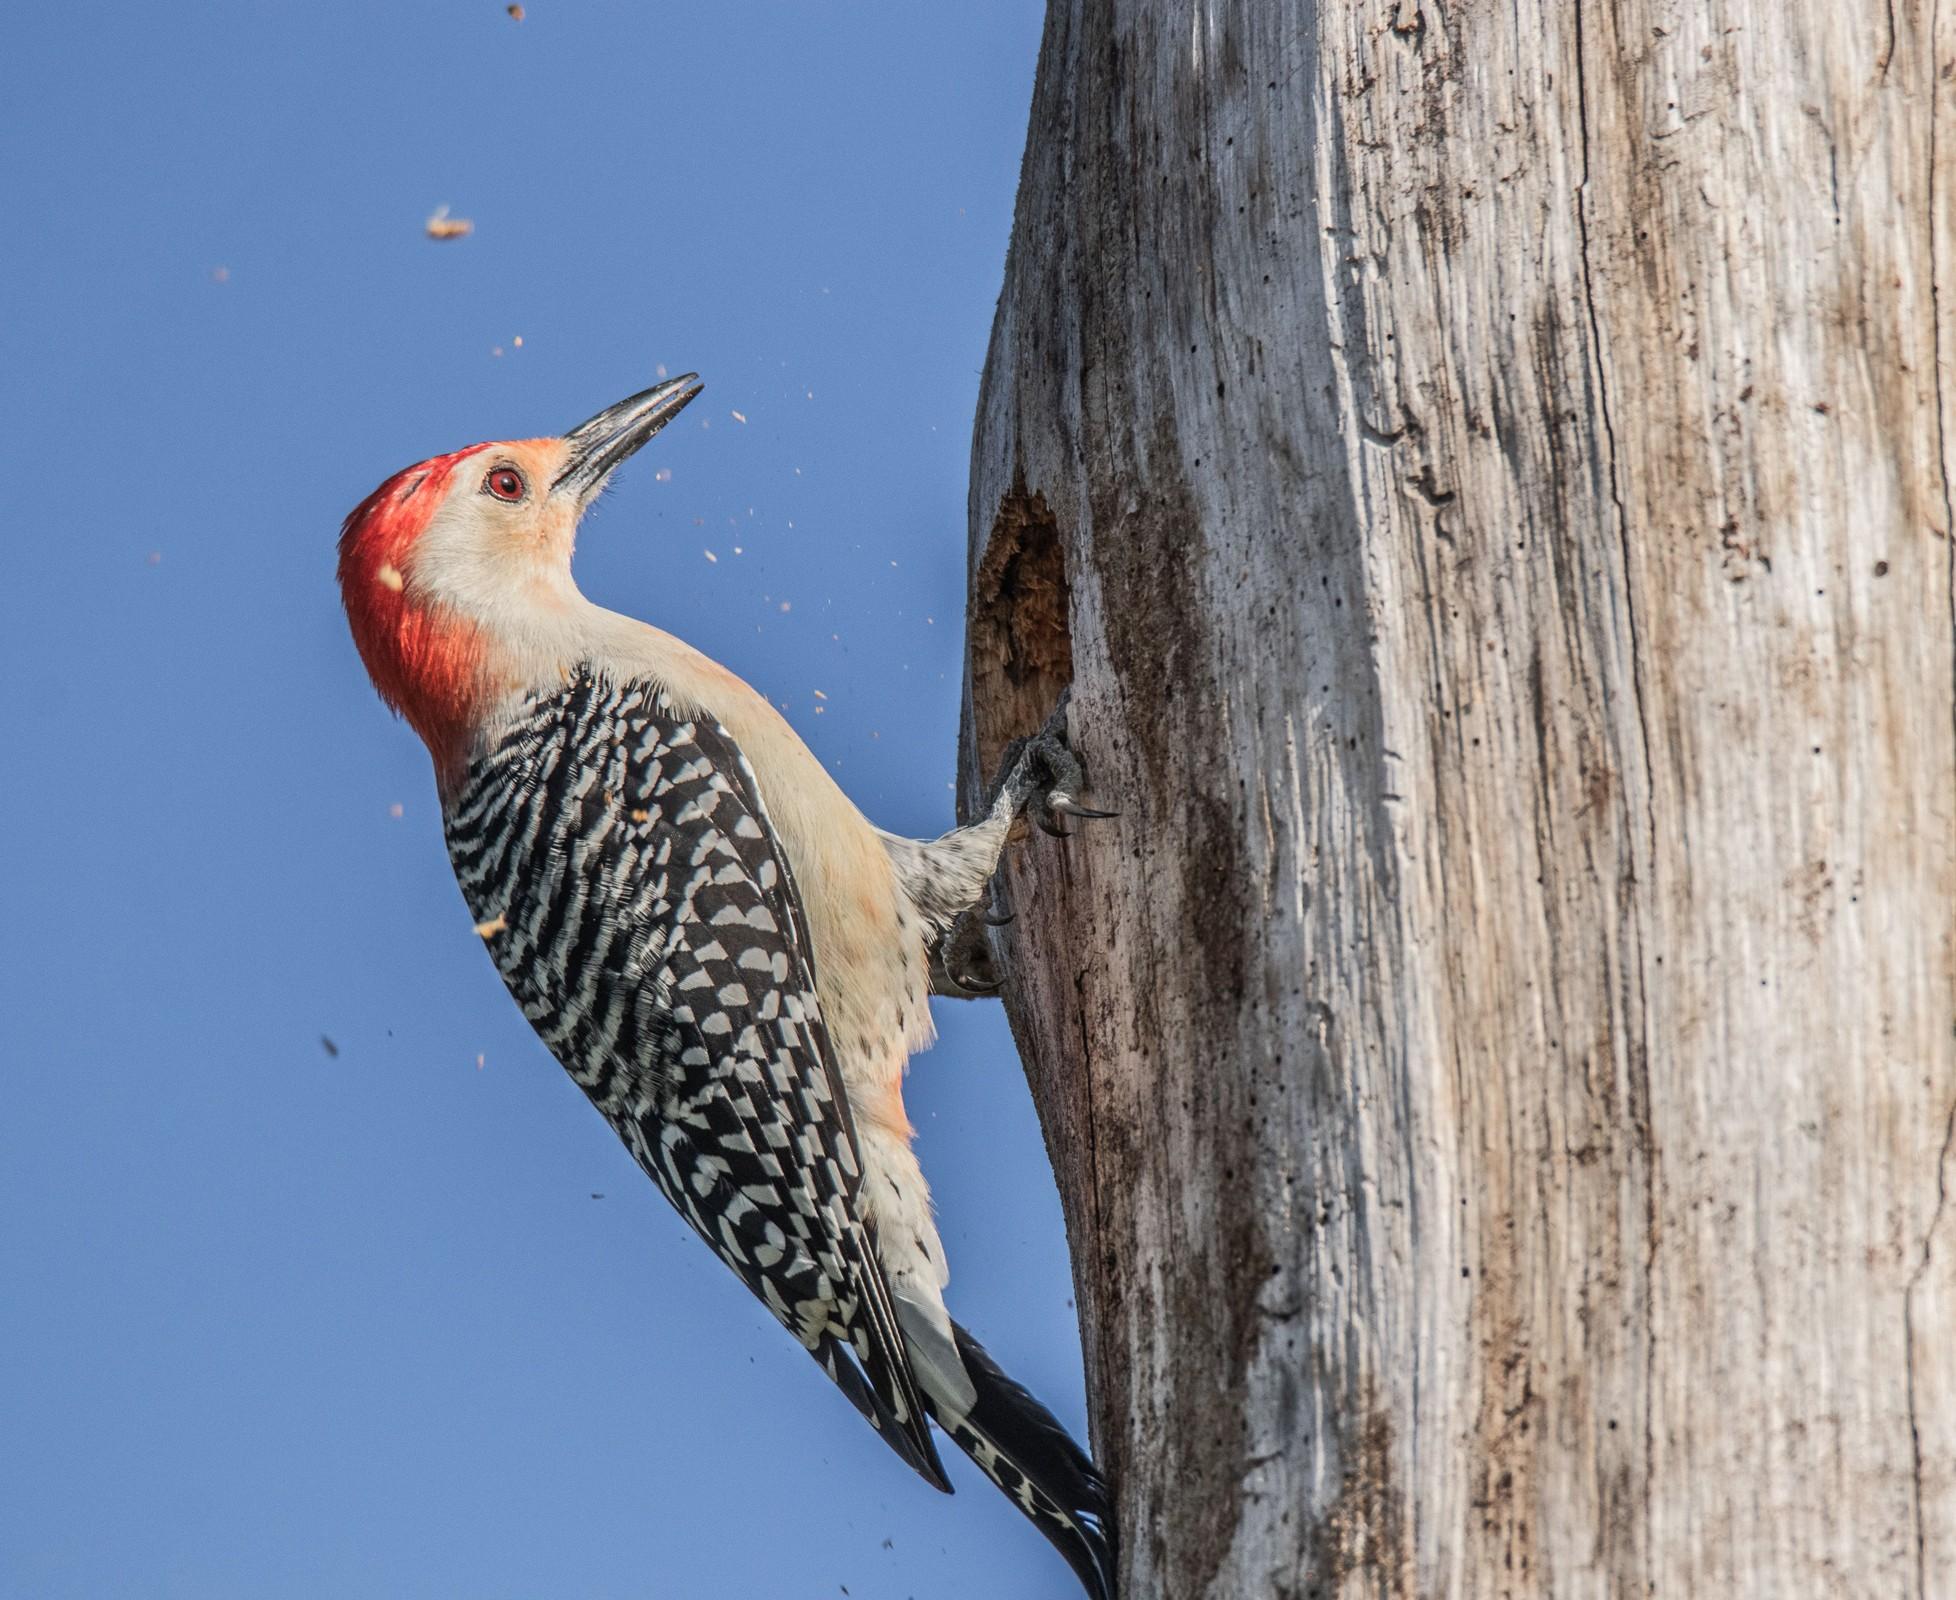 597-Red-bellied-woodpecker-(2)-f.jpg